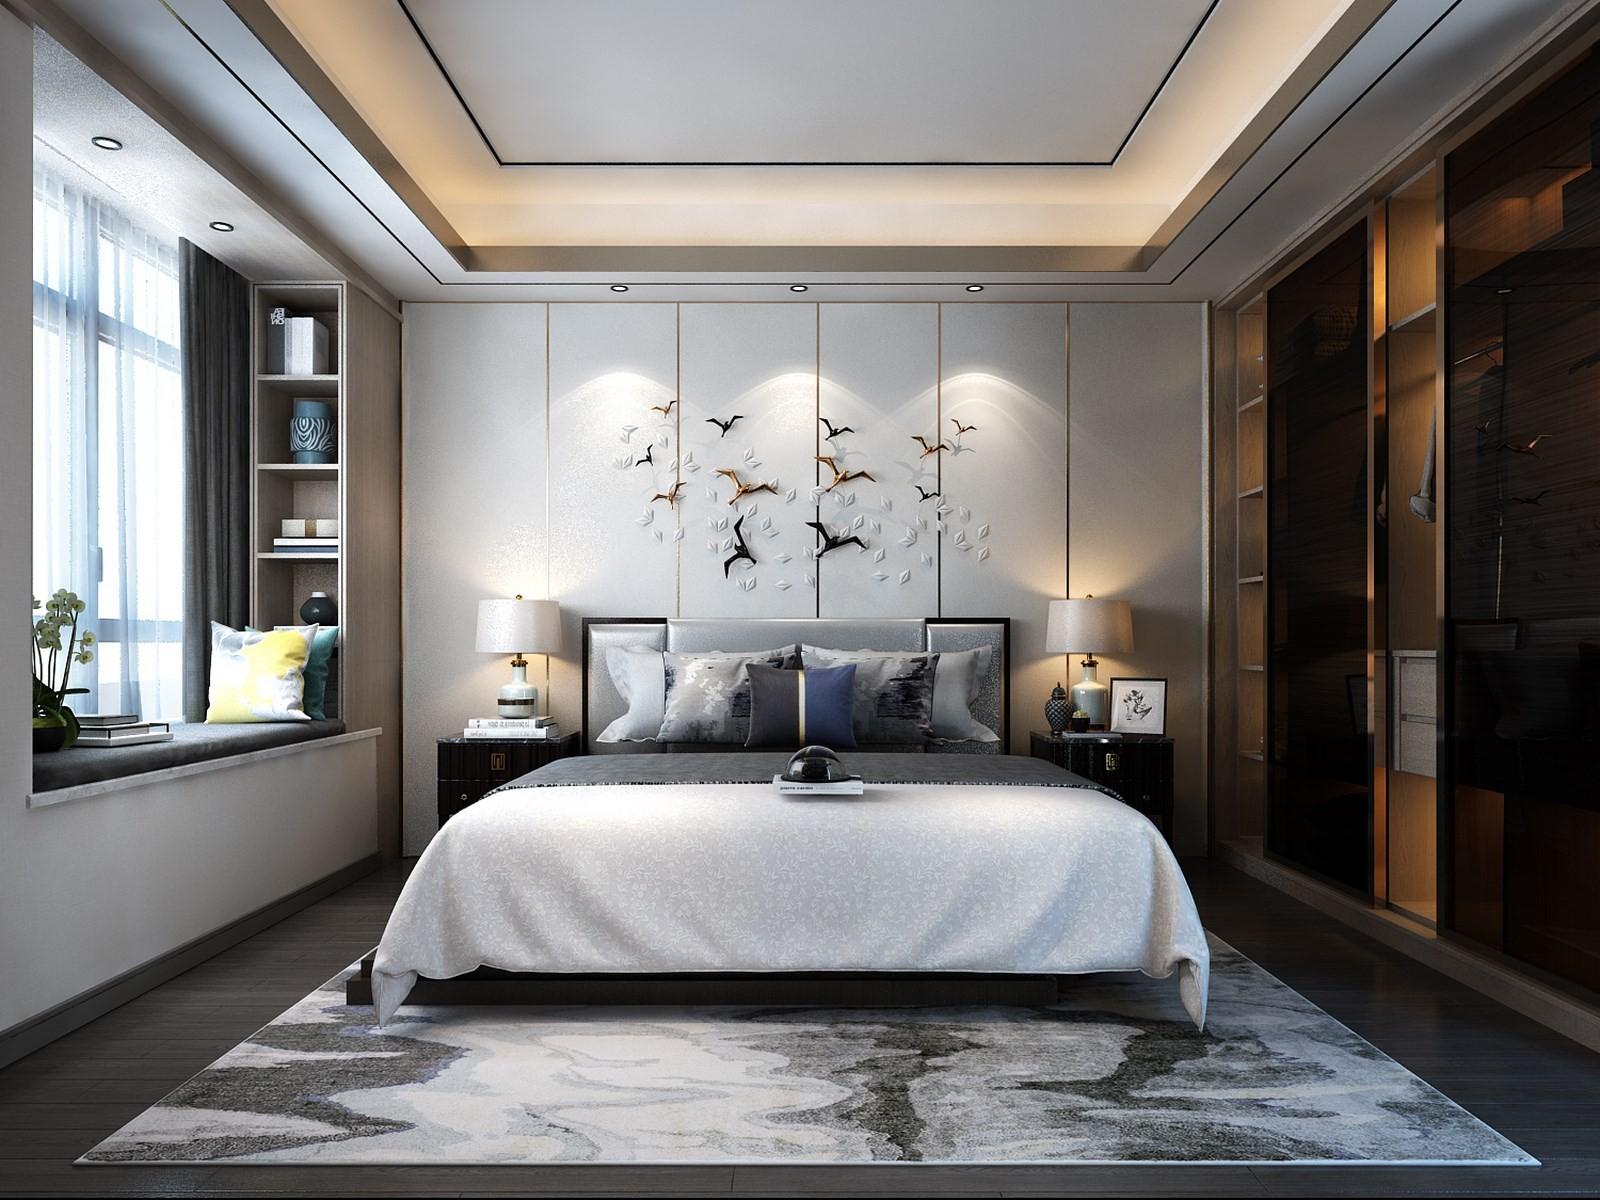 2020新中式卧室装修设计图片 2020新中式窗台装修设计图片